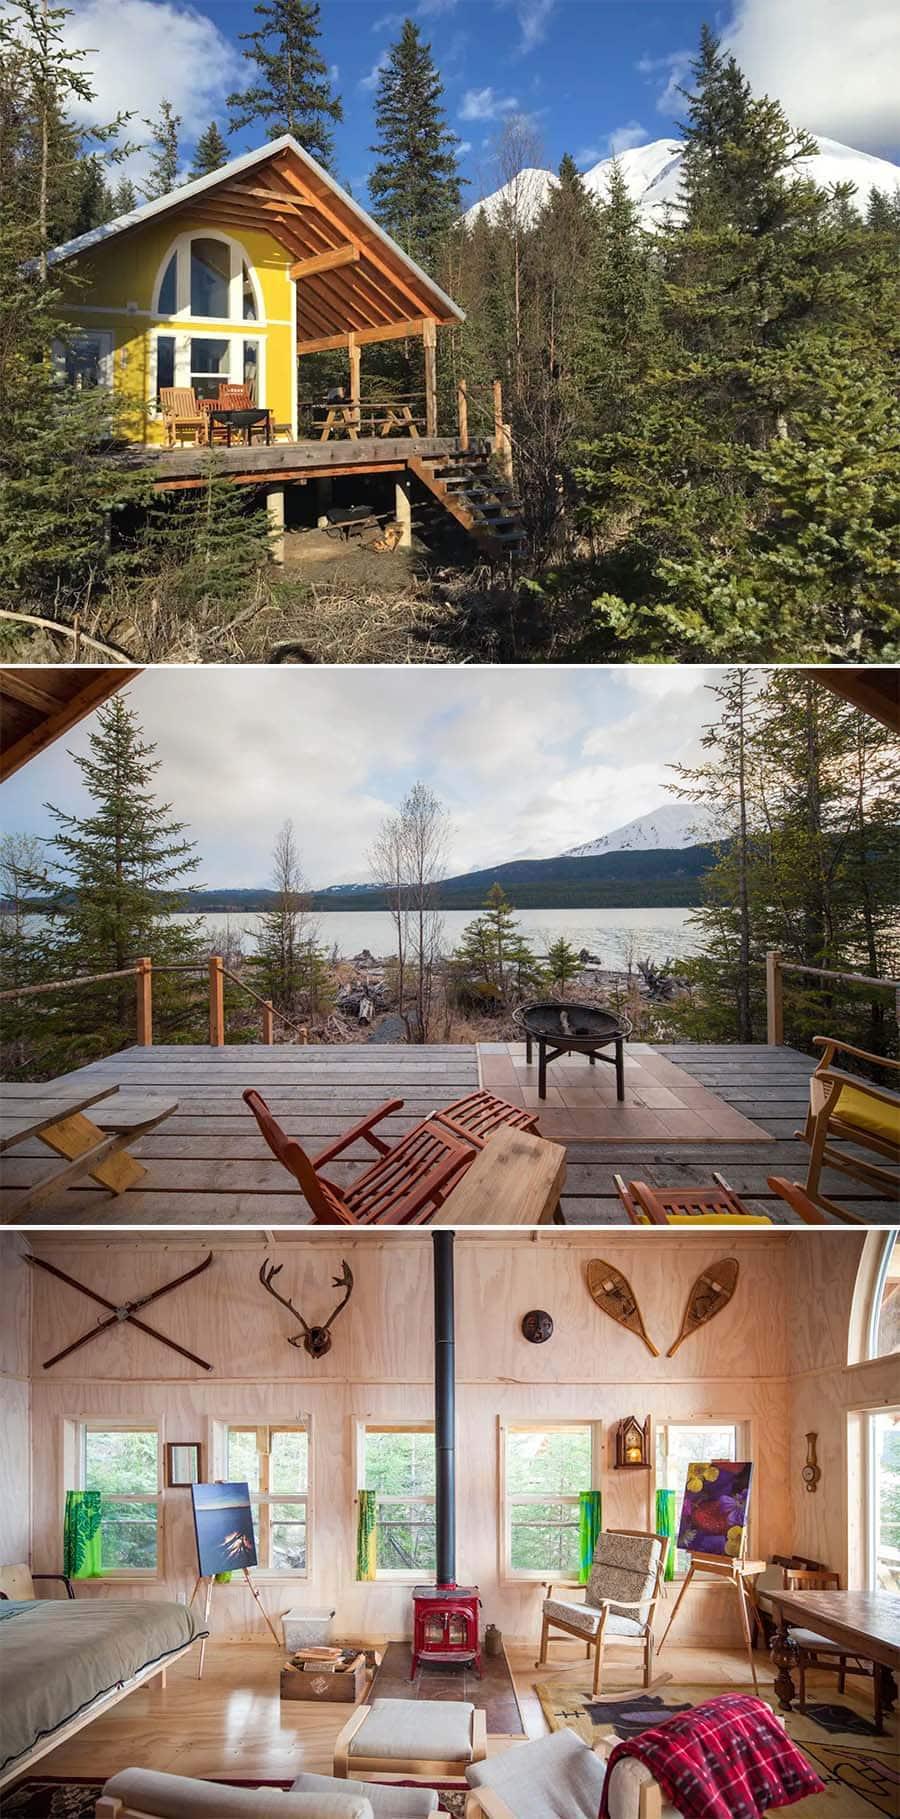 Cozy log cabin Airbnb in Seward, Alaska